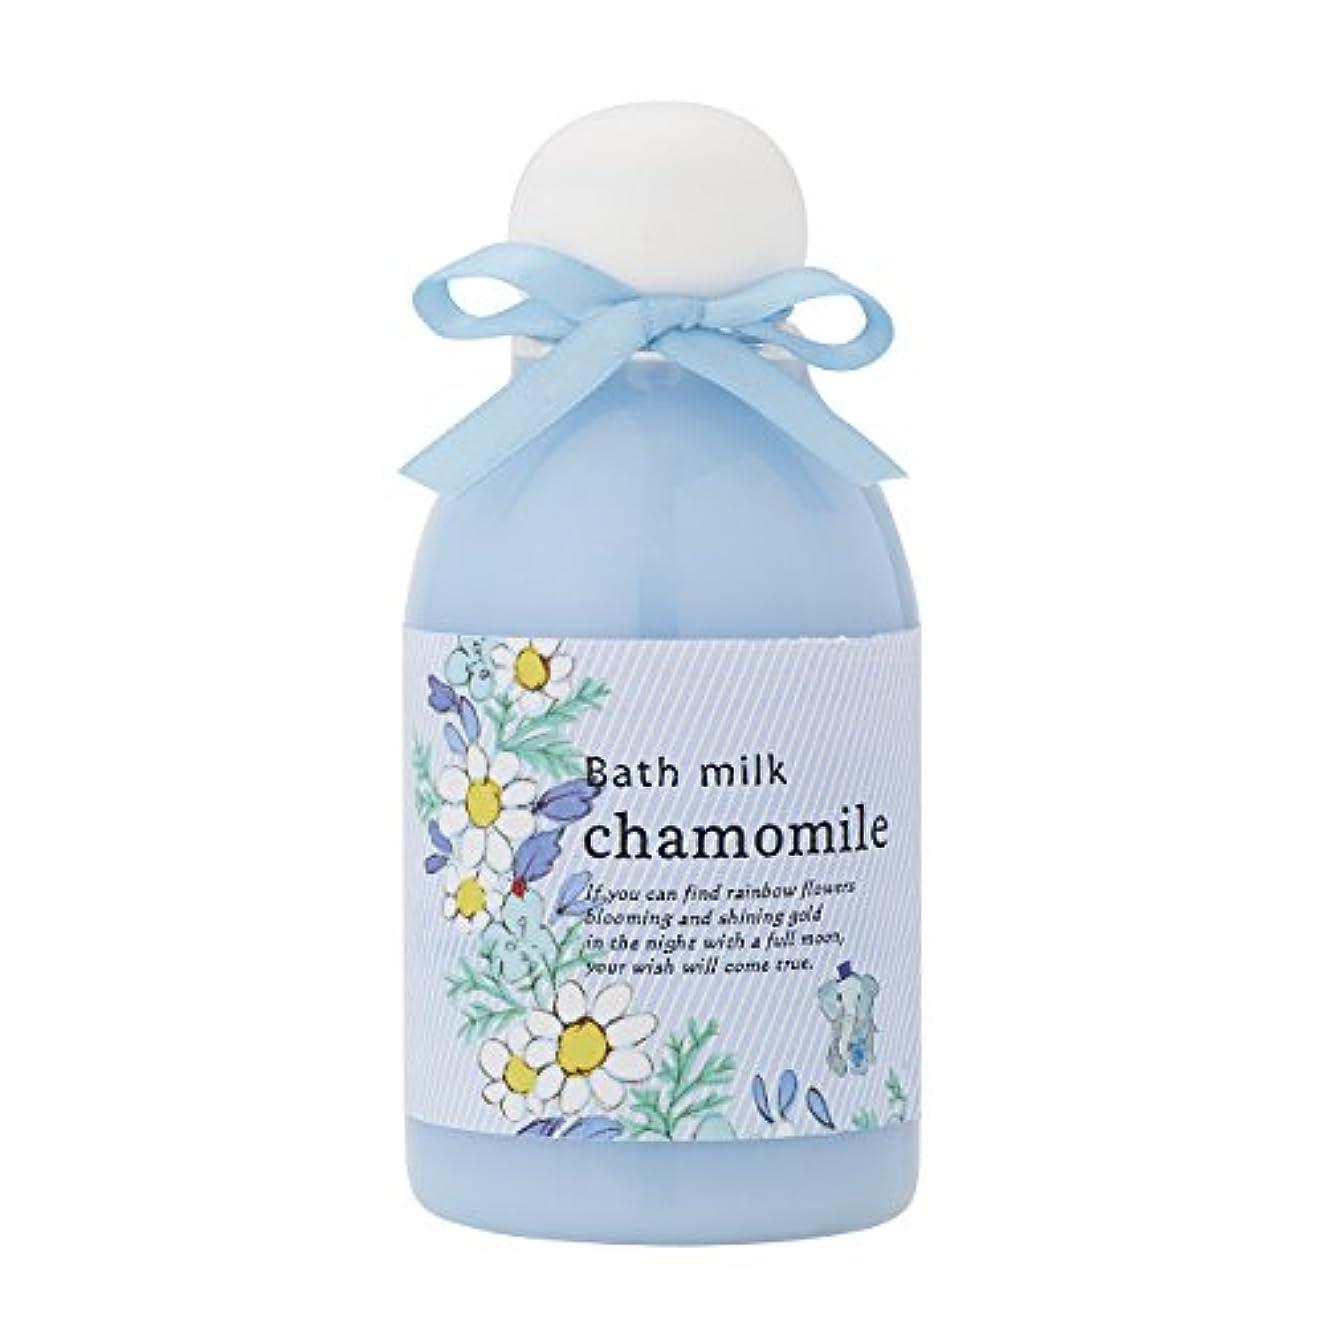 オゾン遊具処方するサンハーブ バスミルク カモマイル 200ml(バブルバスタイプ入浴料 泡風呂 やさしく穏やかな甘い香り)